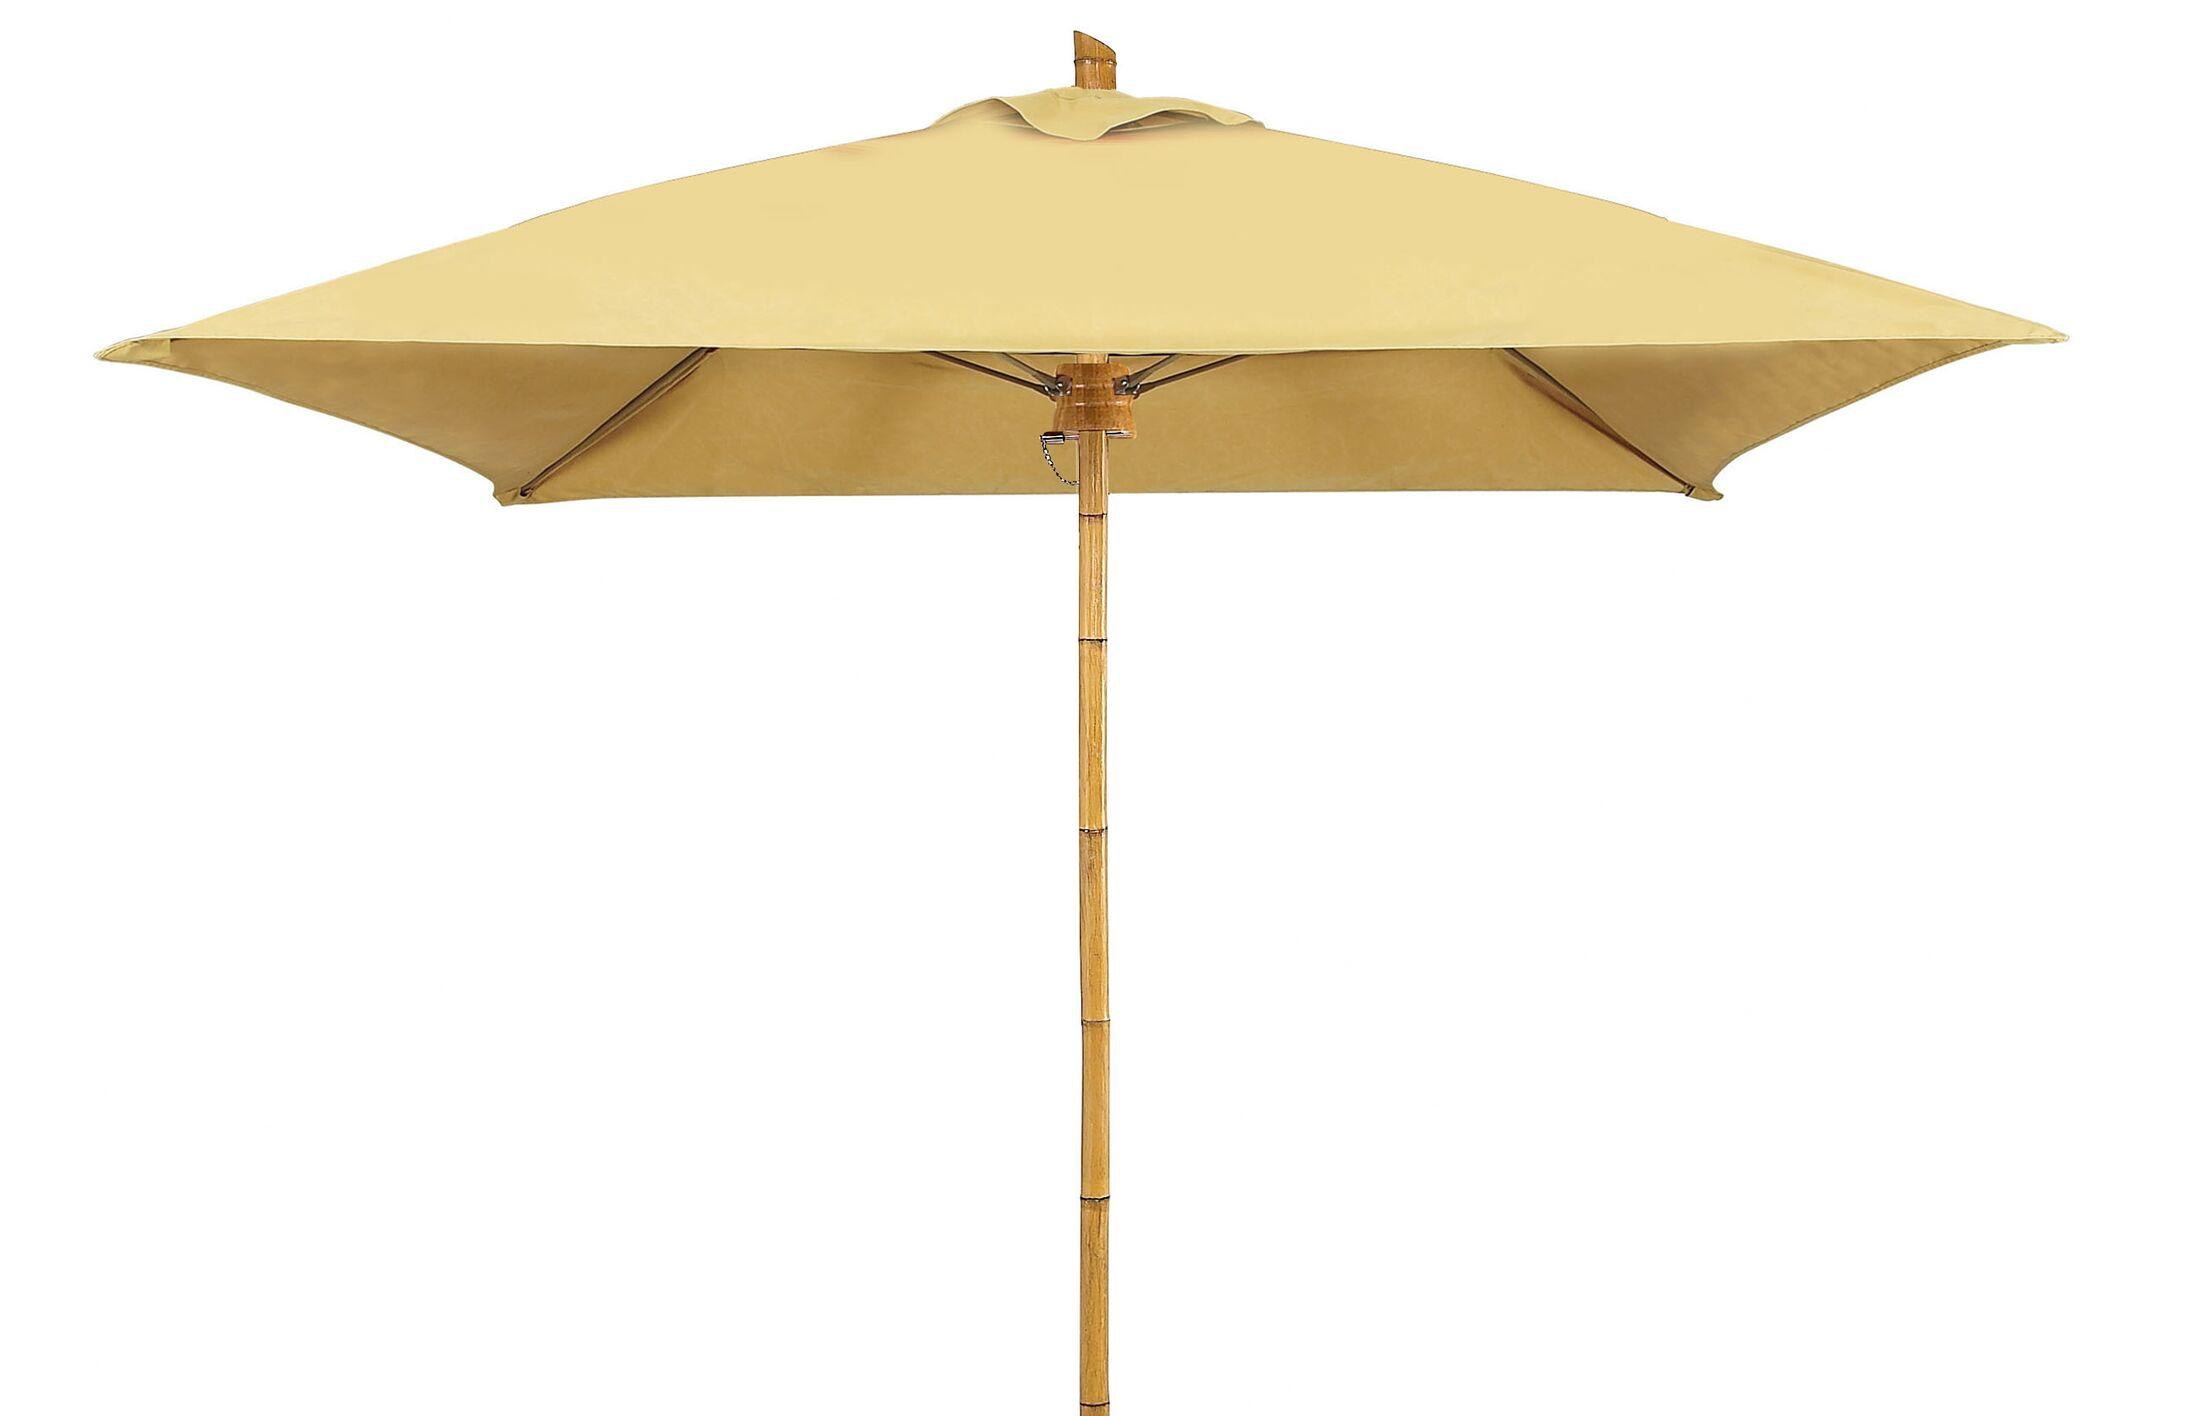 Prestige 7.5' Square Market Umbrella Fabric: Sunflower Yellow